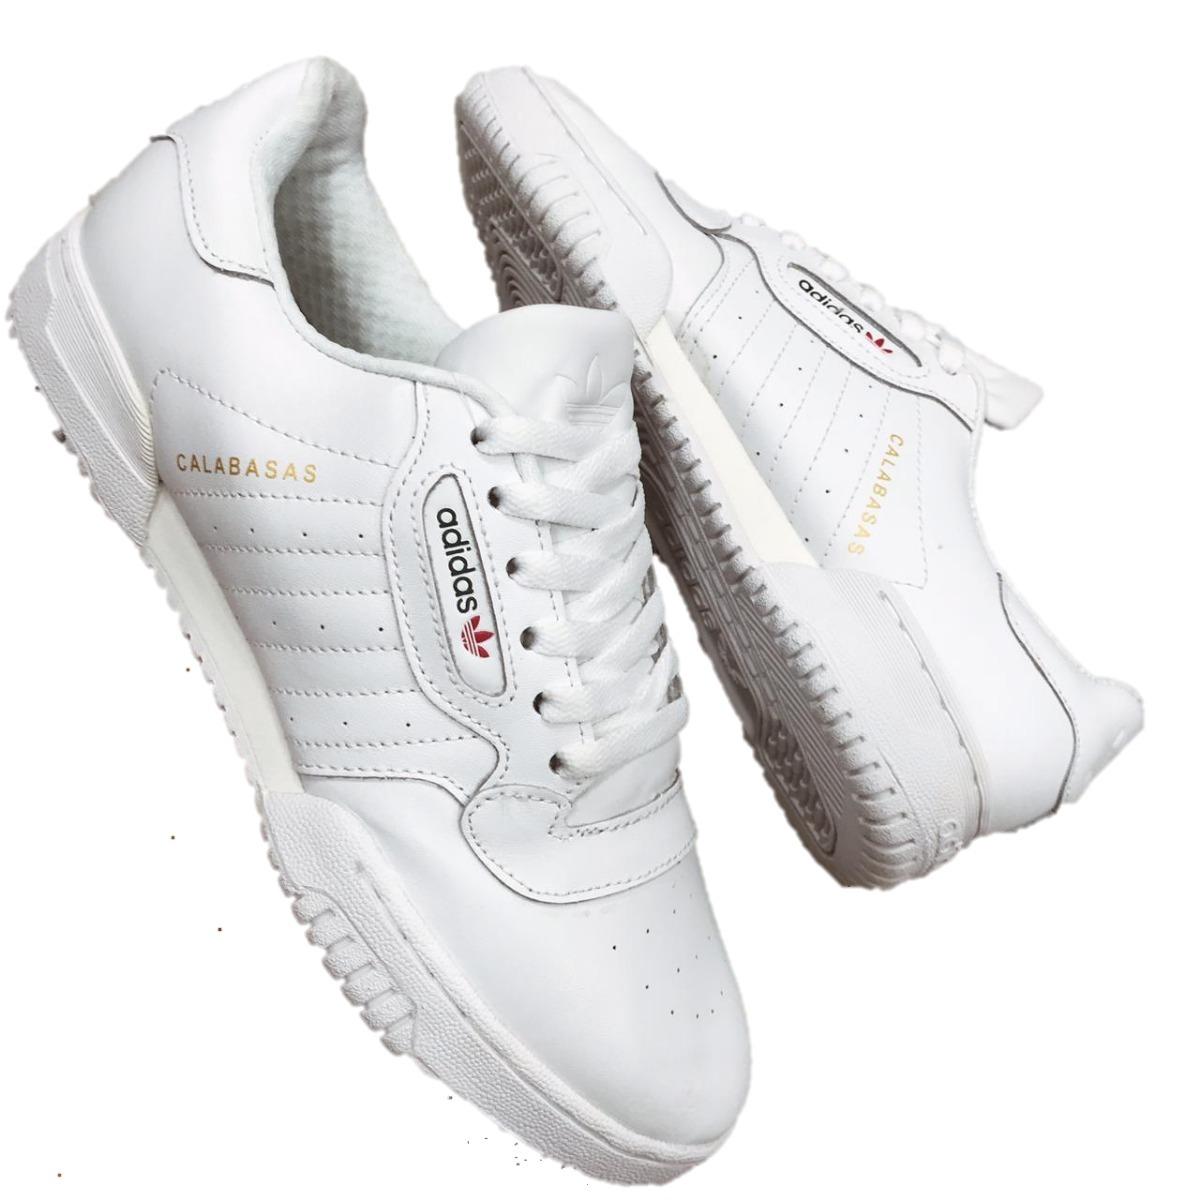 Adidas De HombrePreguntar Zy1 Tenis X Antes Comprar Talla bfm6yY7gvI